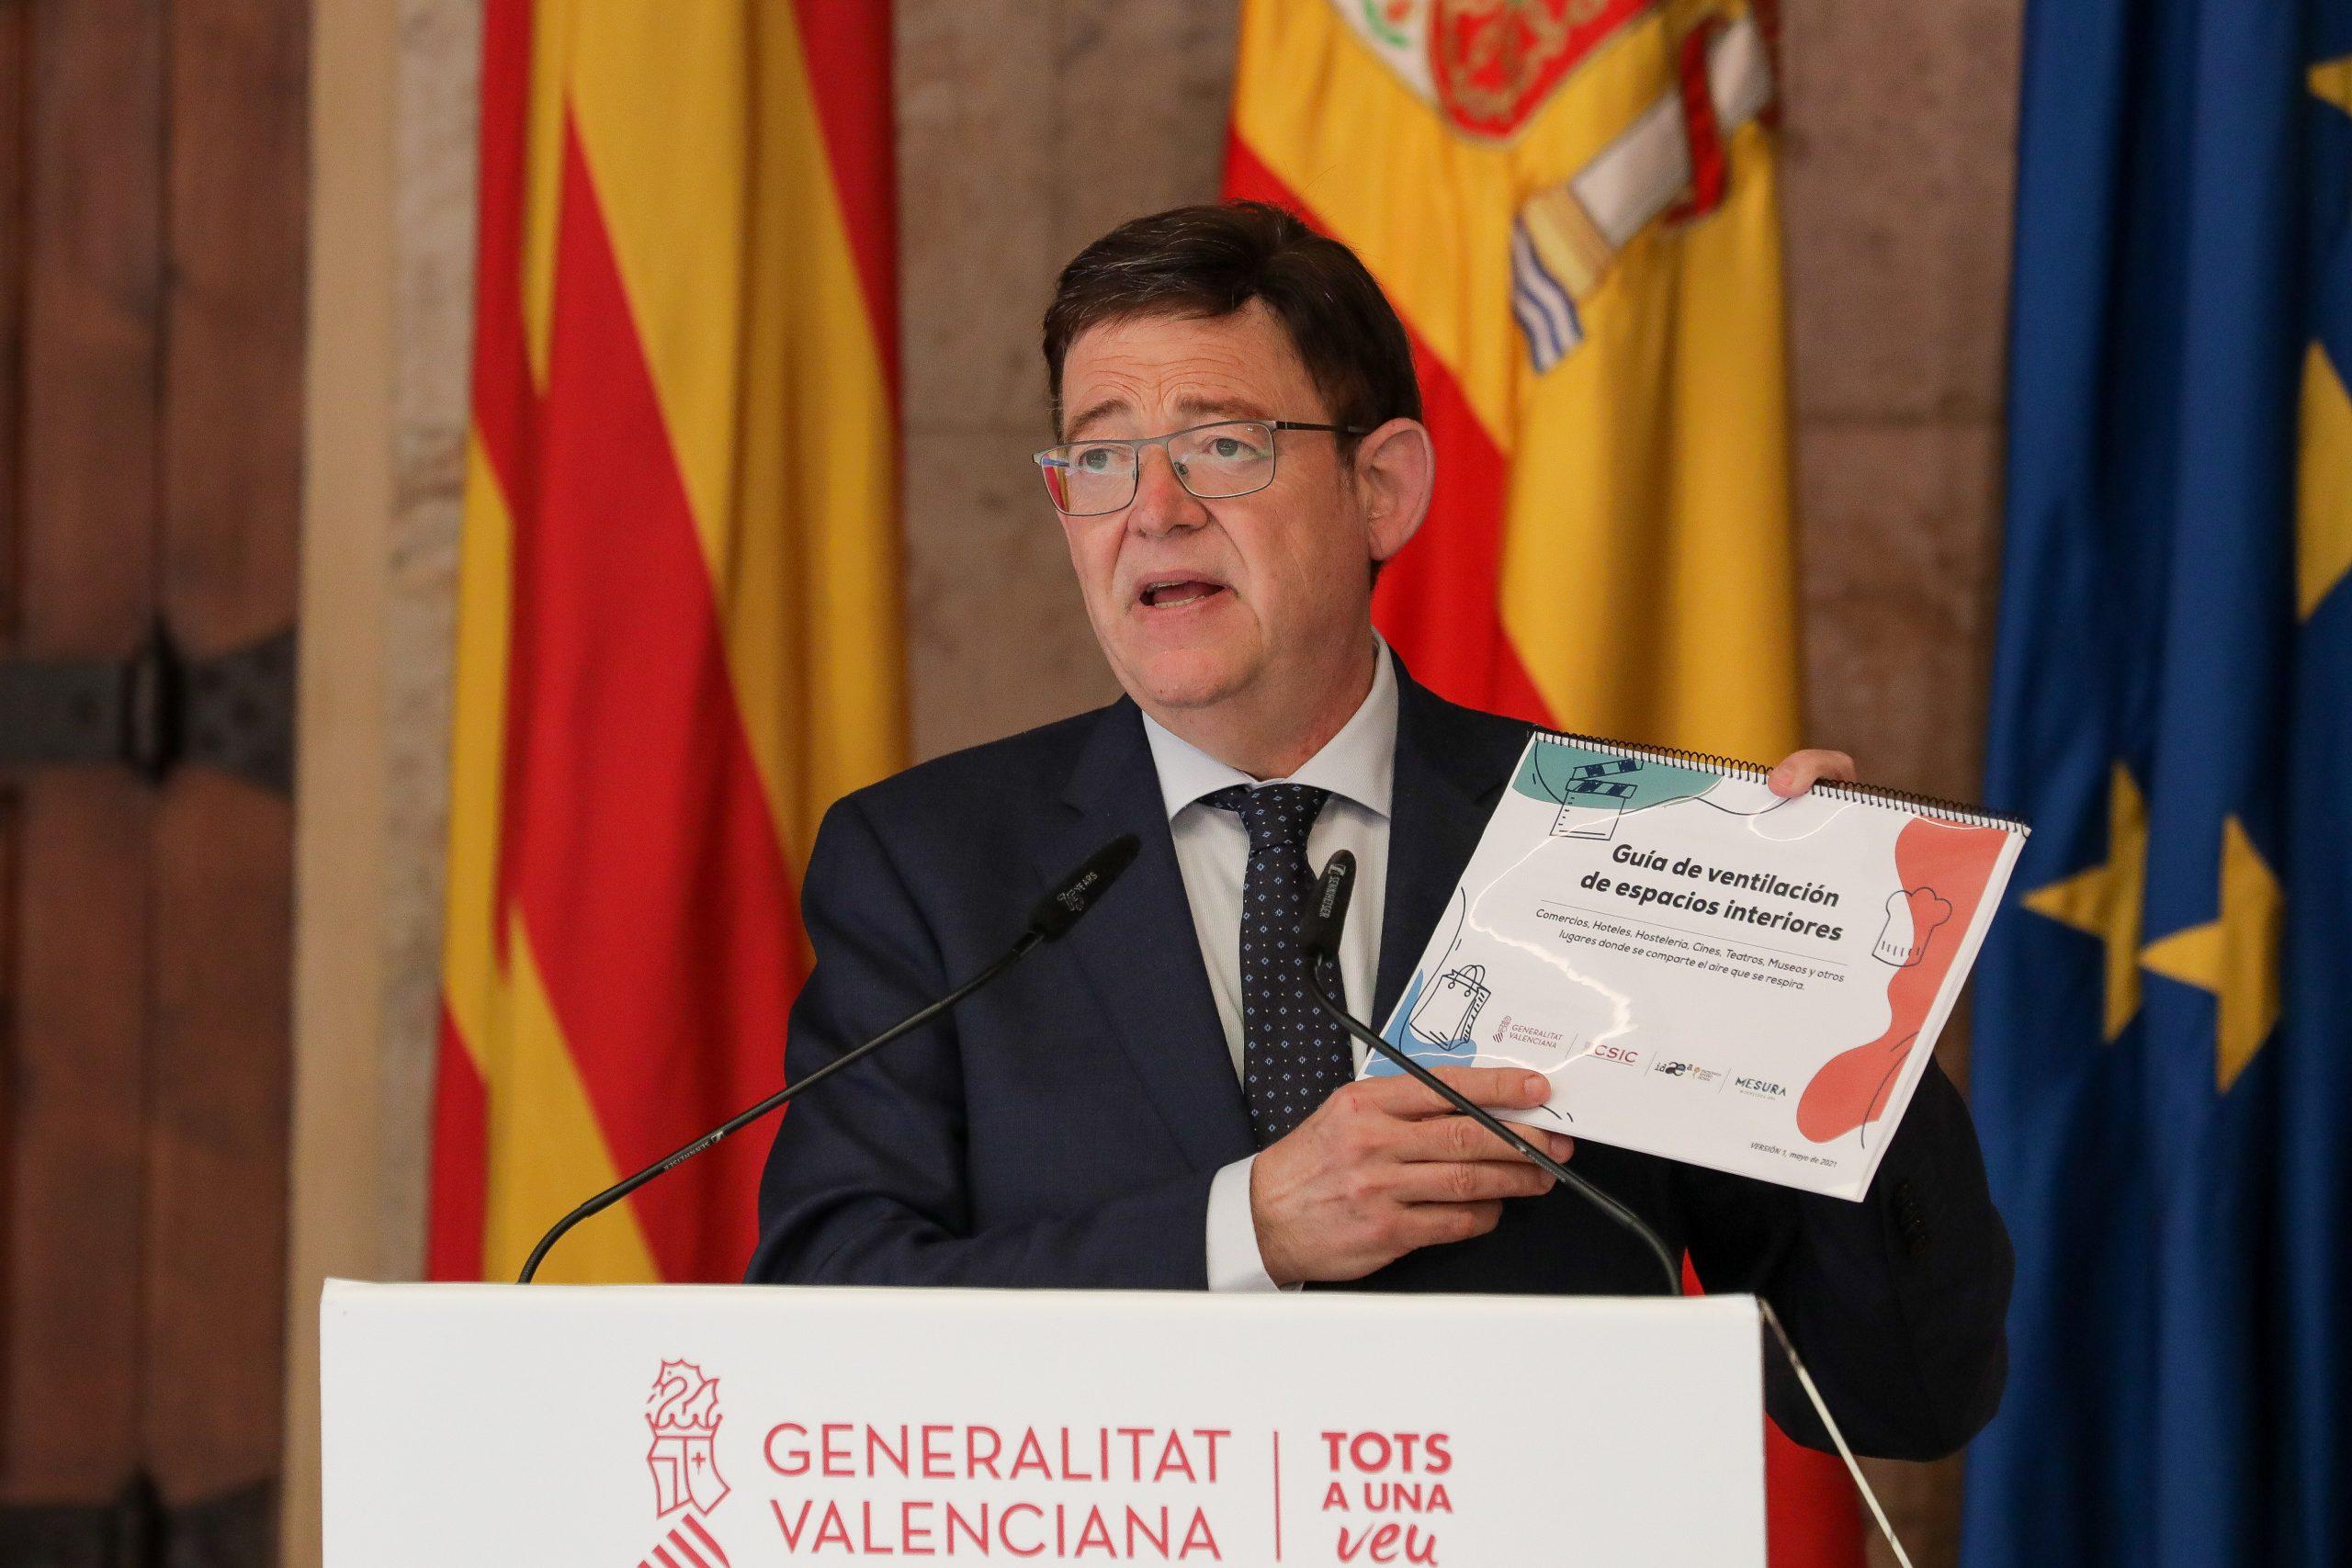 La Comunitat Valenciana estrena fase de desescalada: las medidas que se mantienen y las novedades introducidas